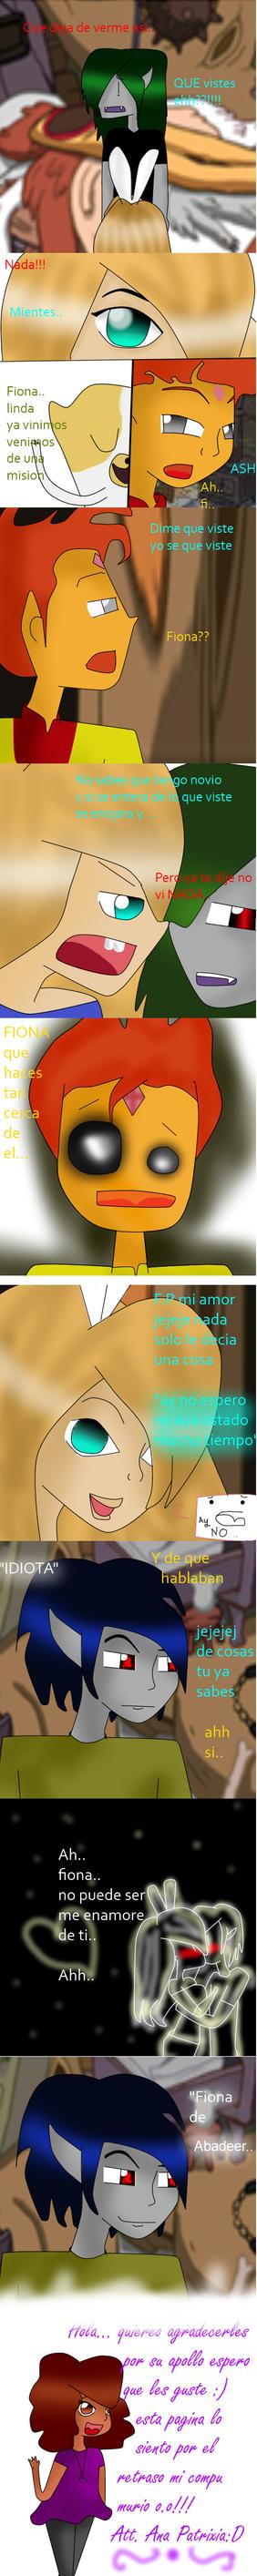 Amor Verdadero pag 7 part.2 by AnaPatrixia